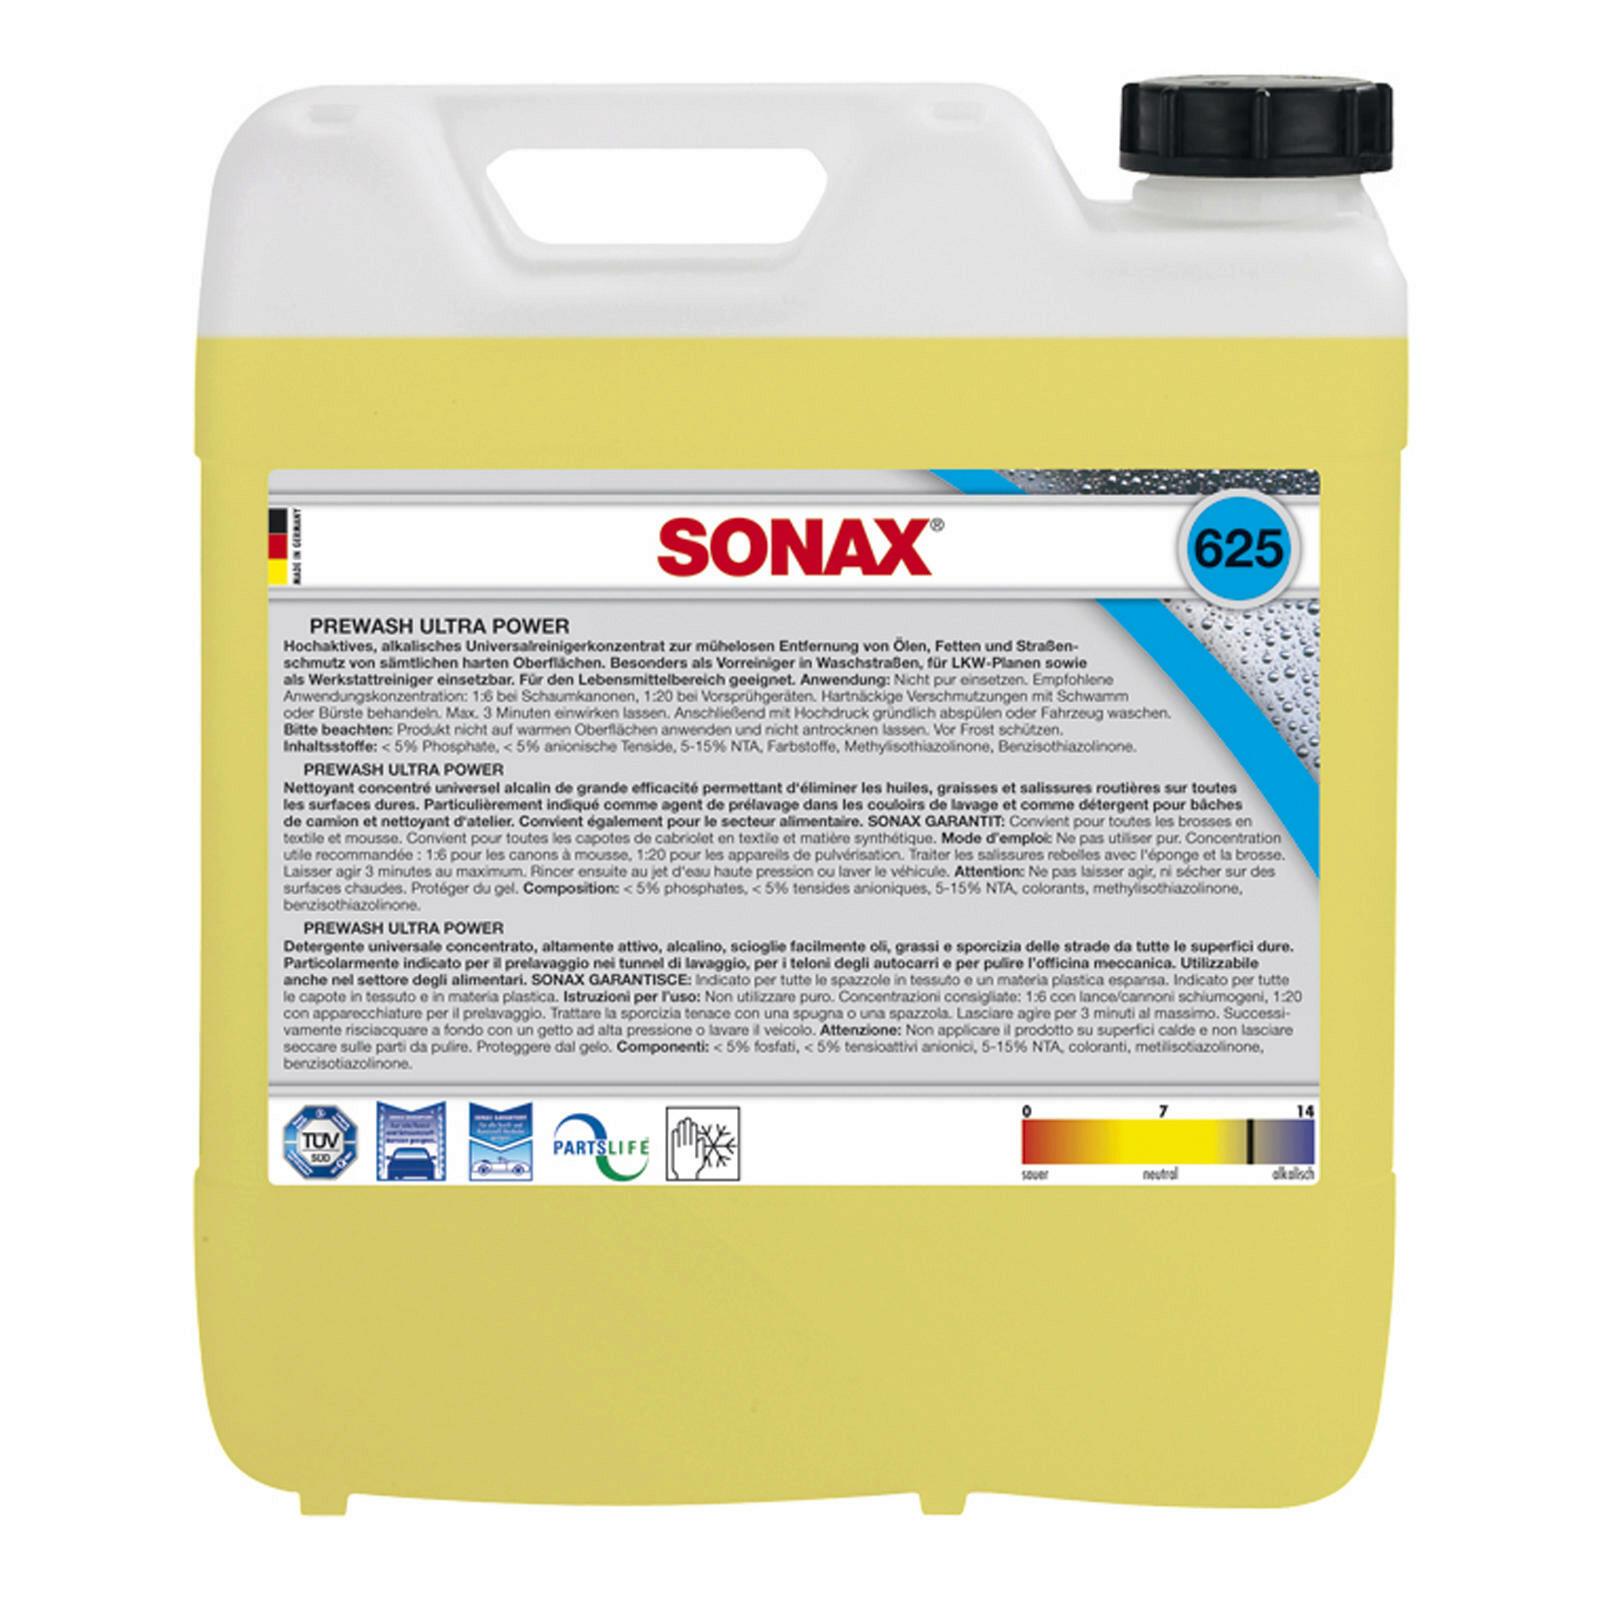 SONAX PreWash Ultra Power 10l